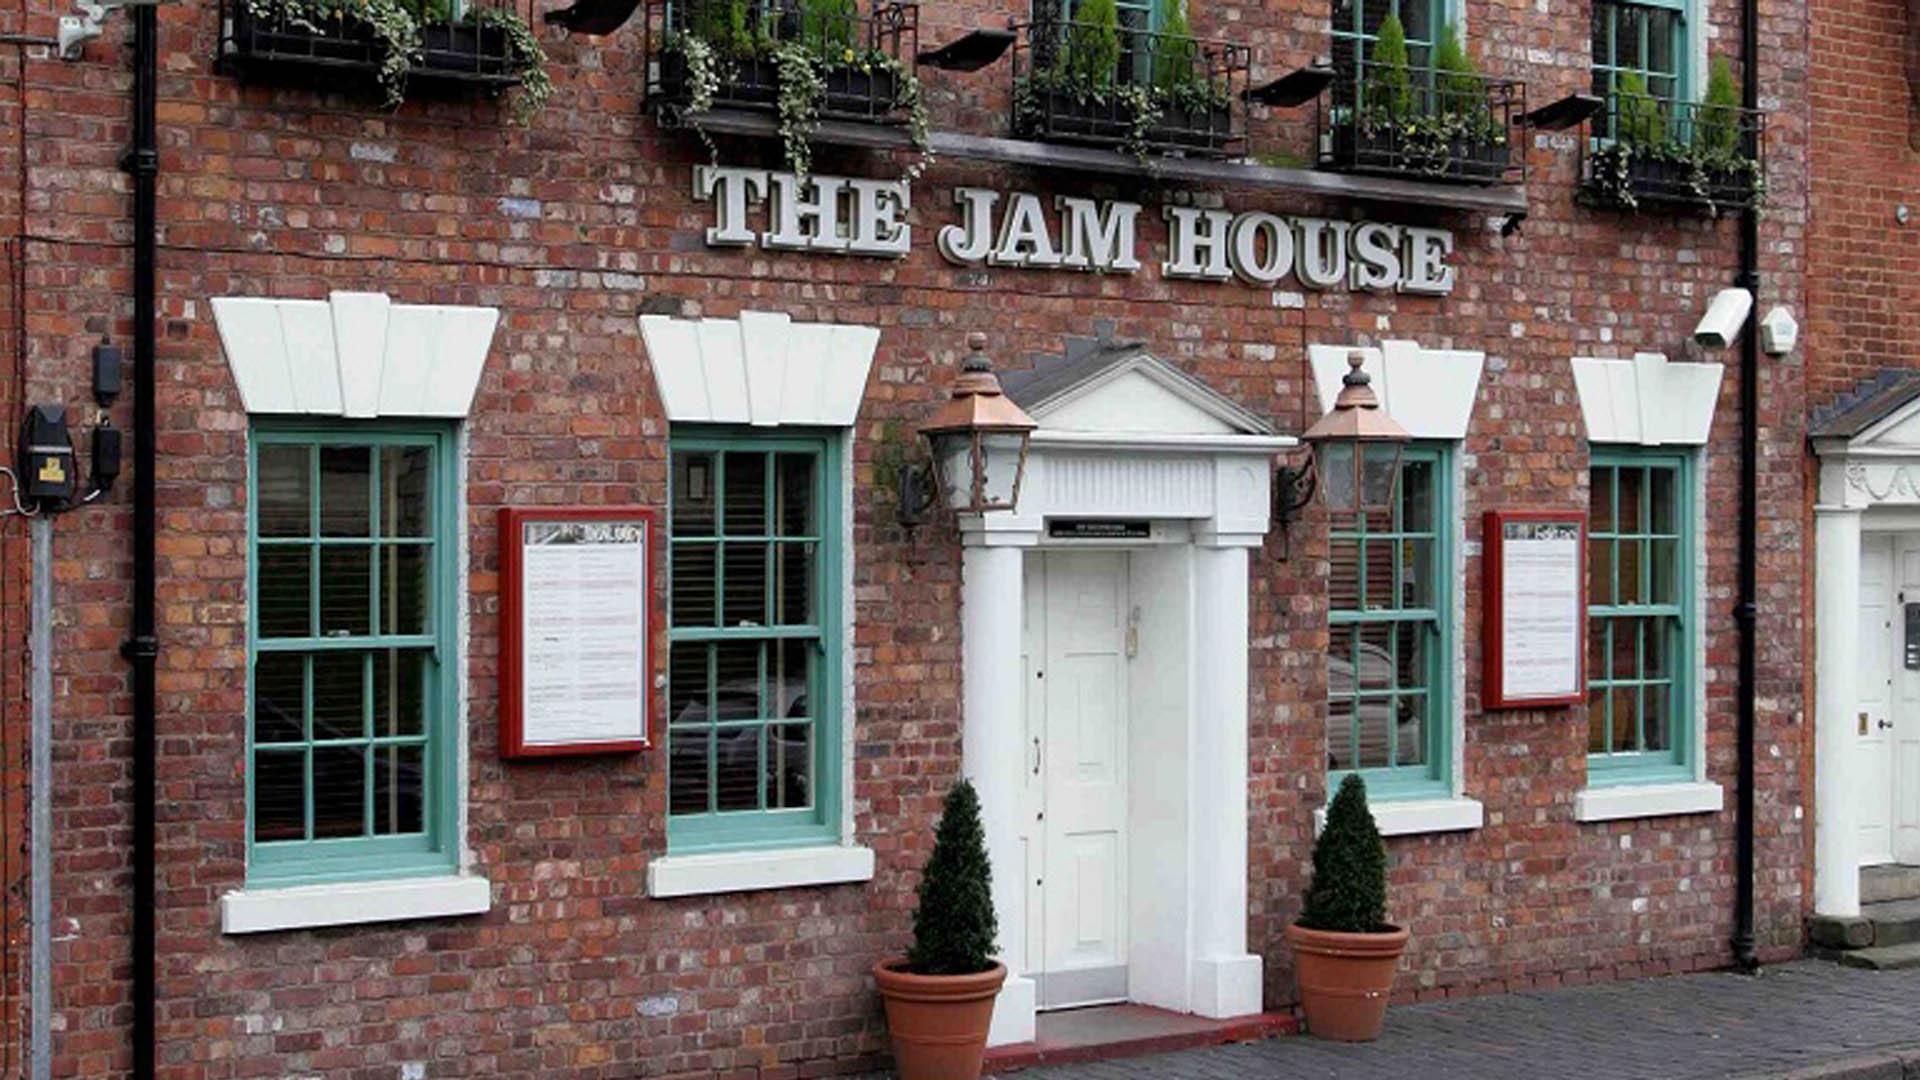 The Jam House